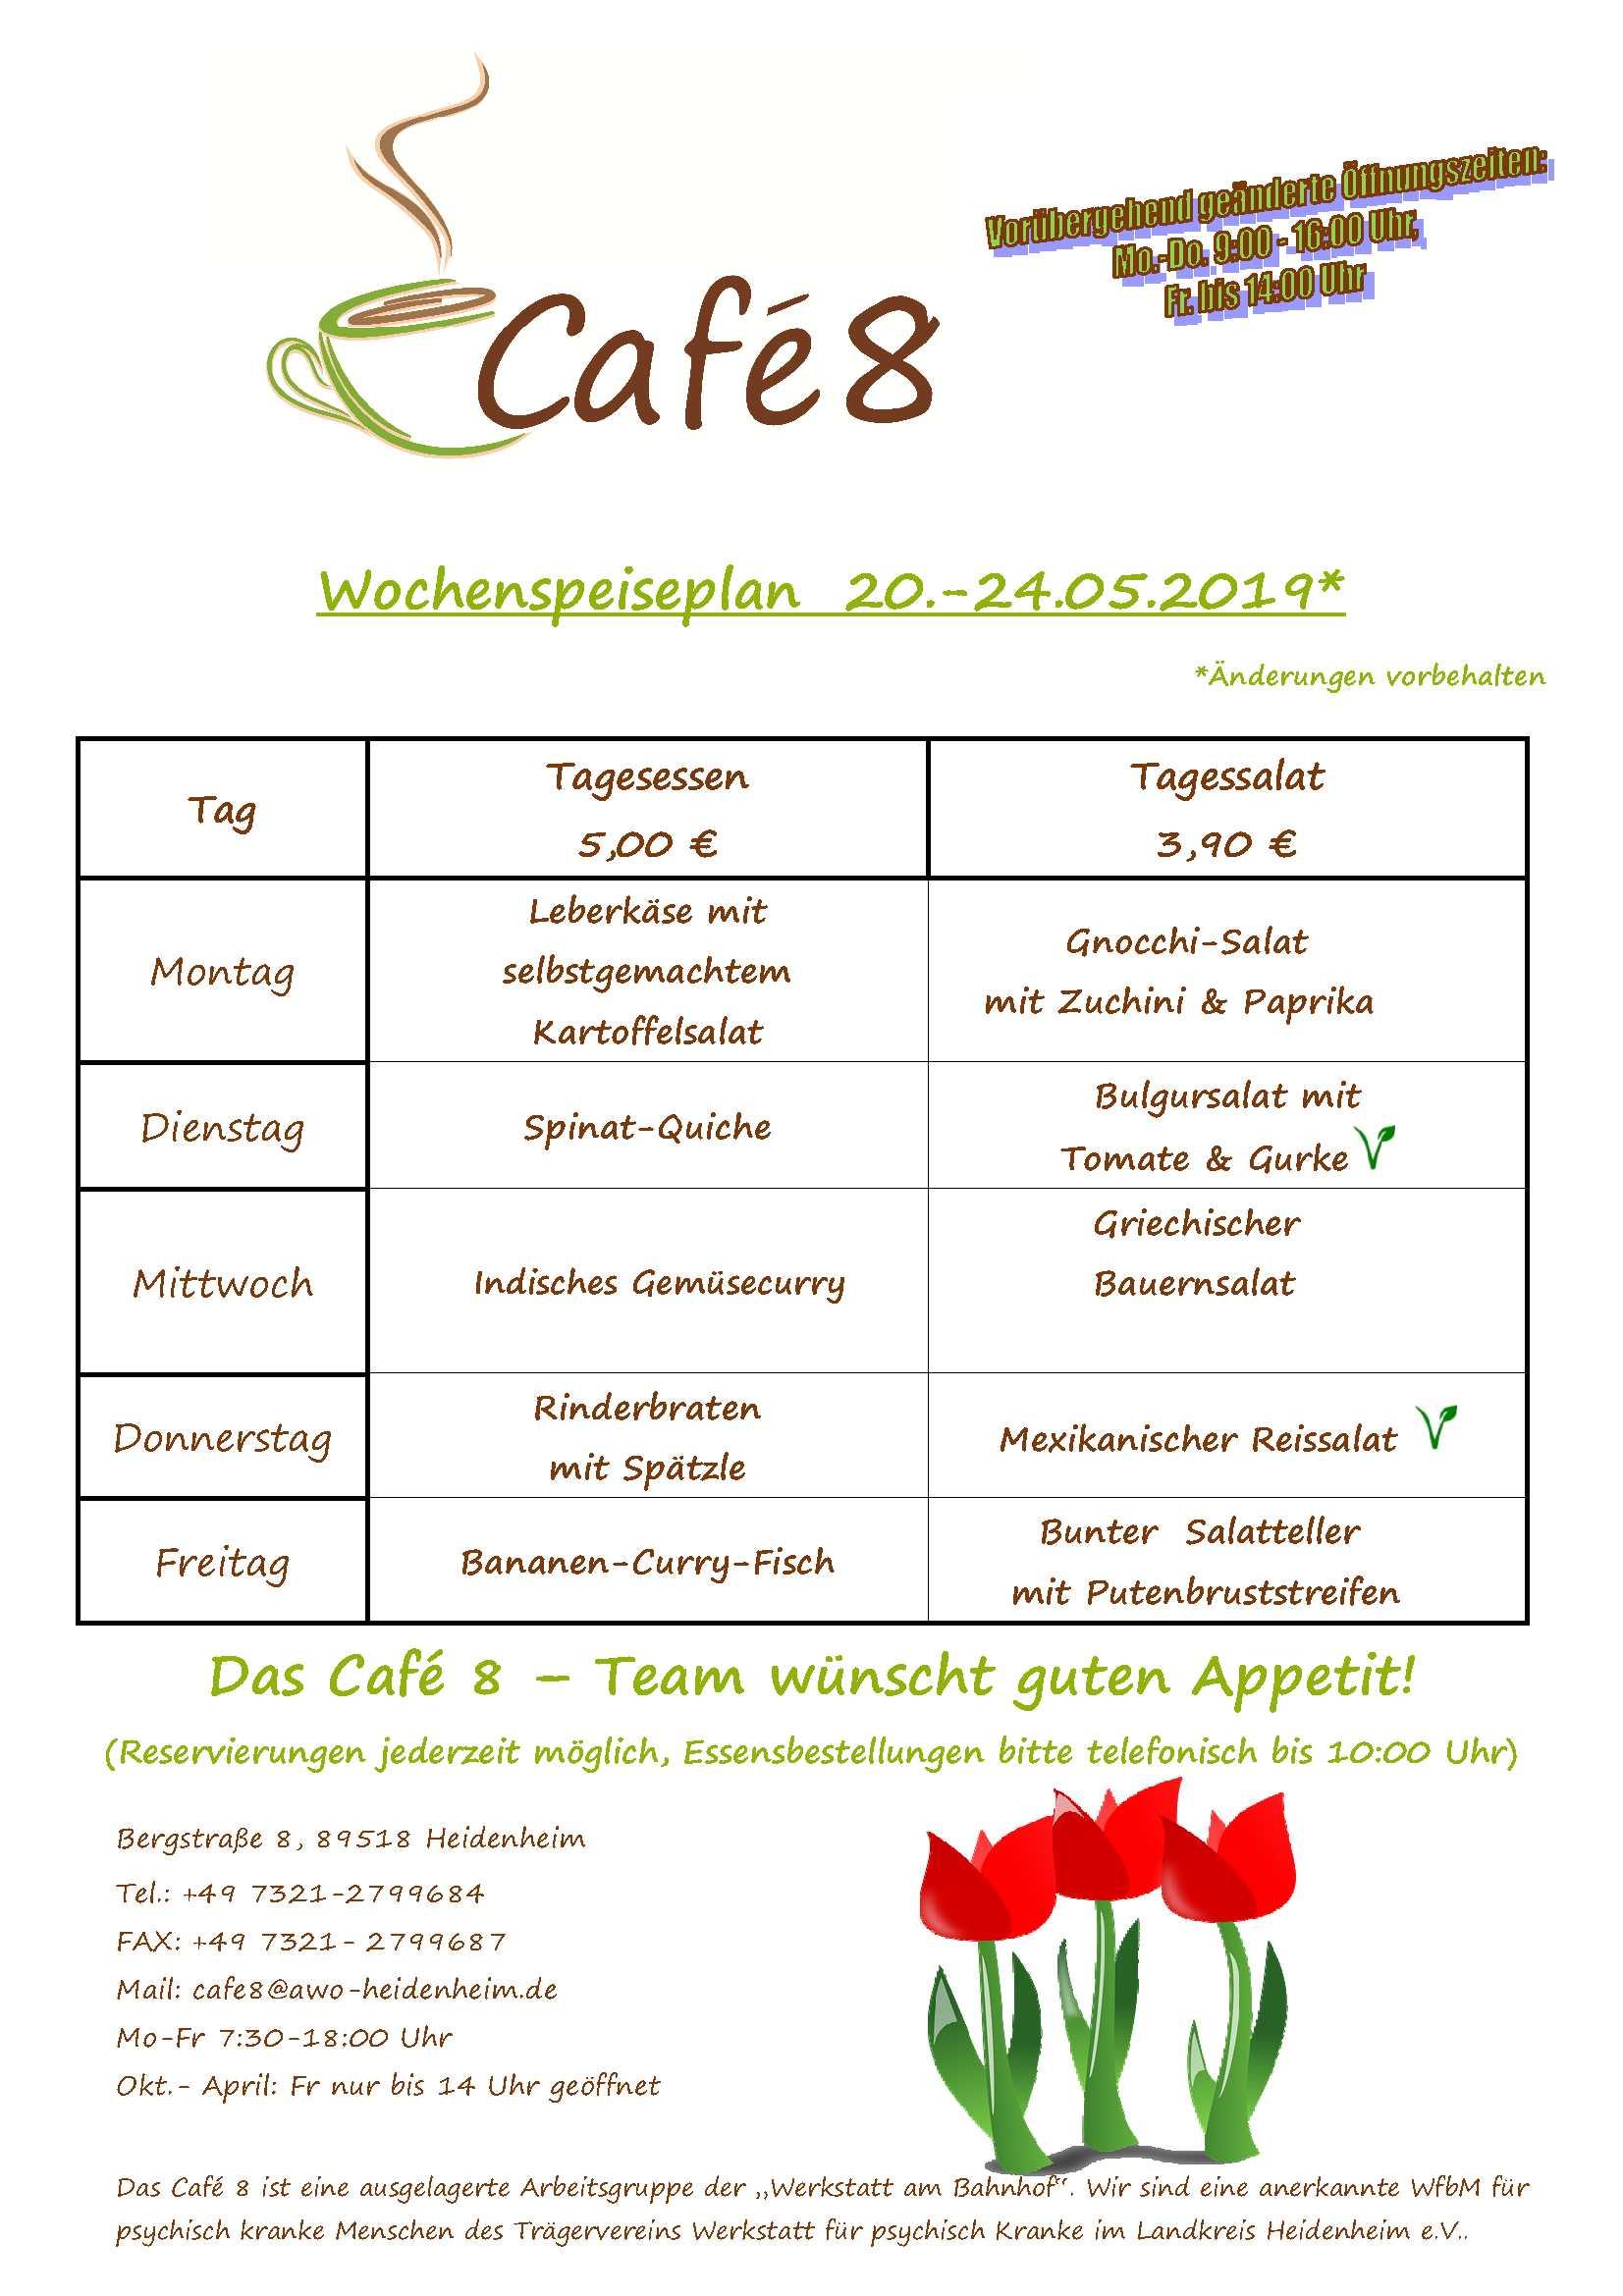 Cafe8_Wochenspeiseplan_KW21-19_1